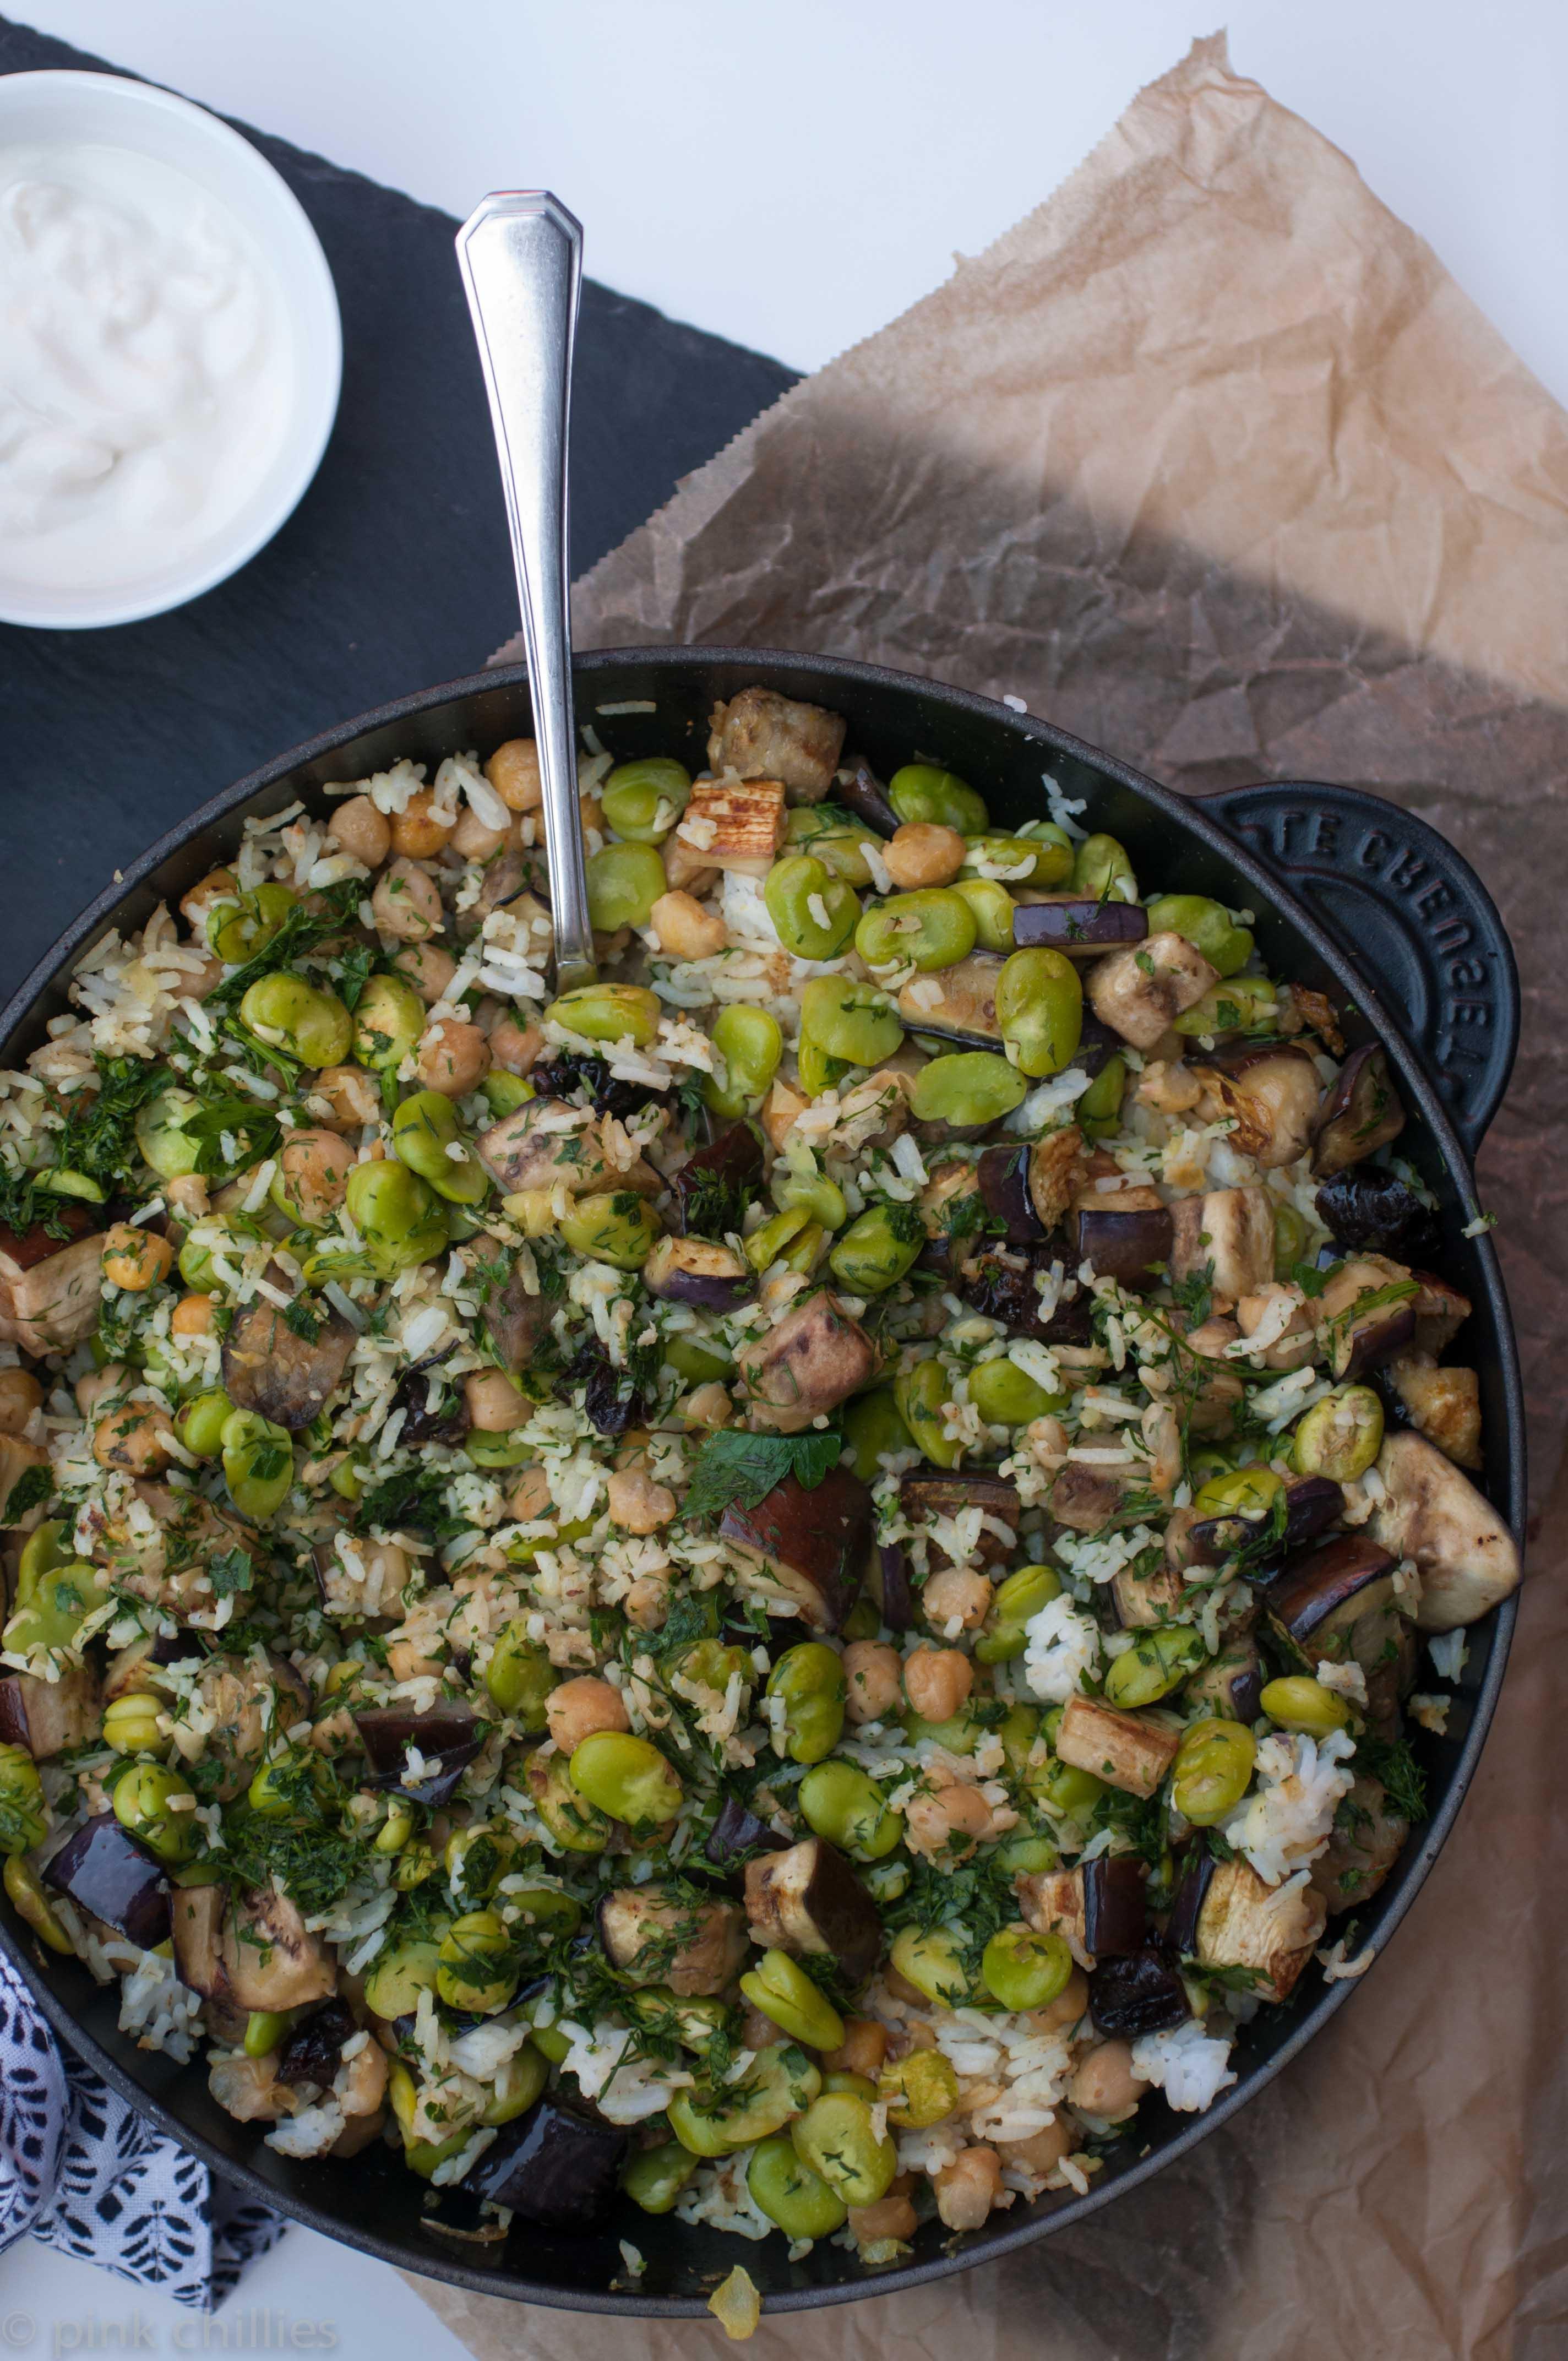 Le Creuset Pfanne Basmati Reis mit Aubergine dicken Bohnen Kichererbsen und frischen Kräutern